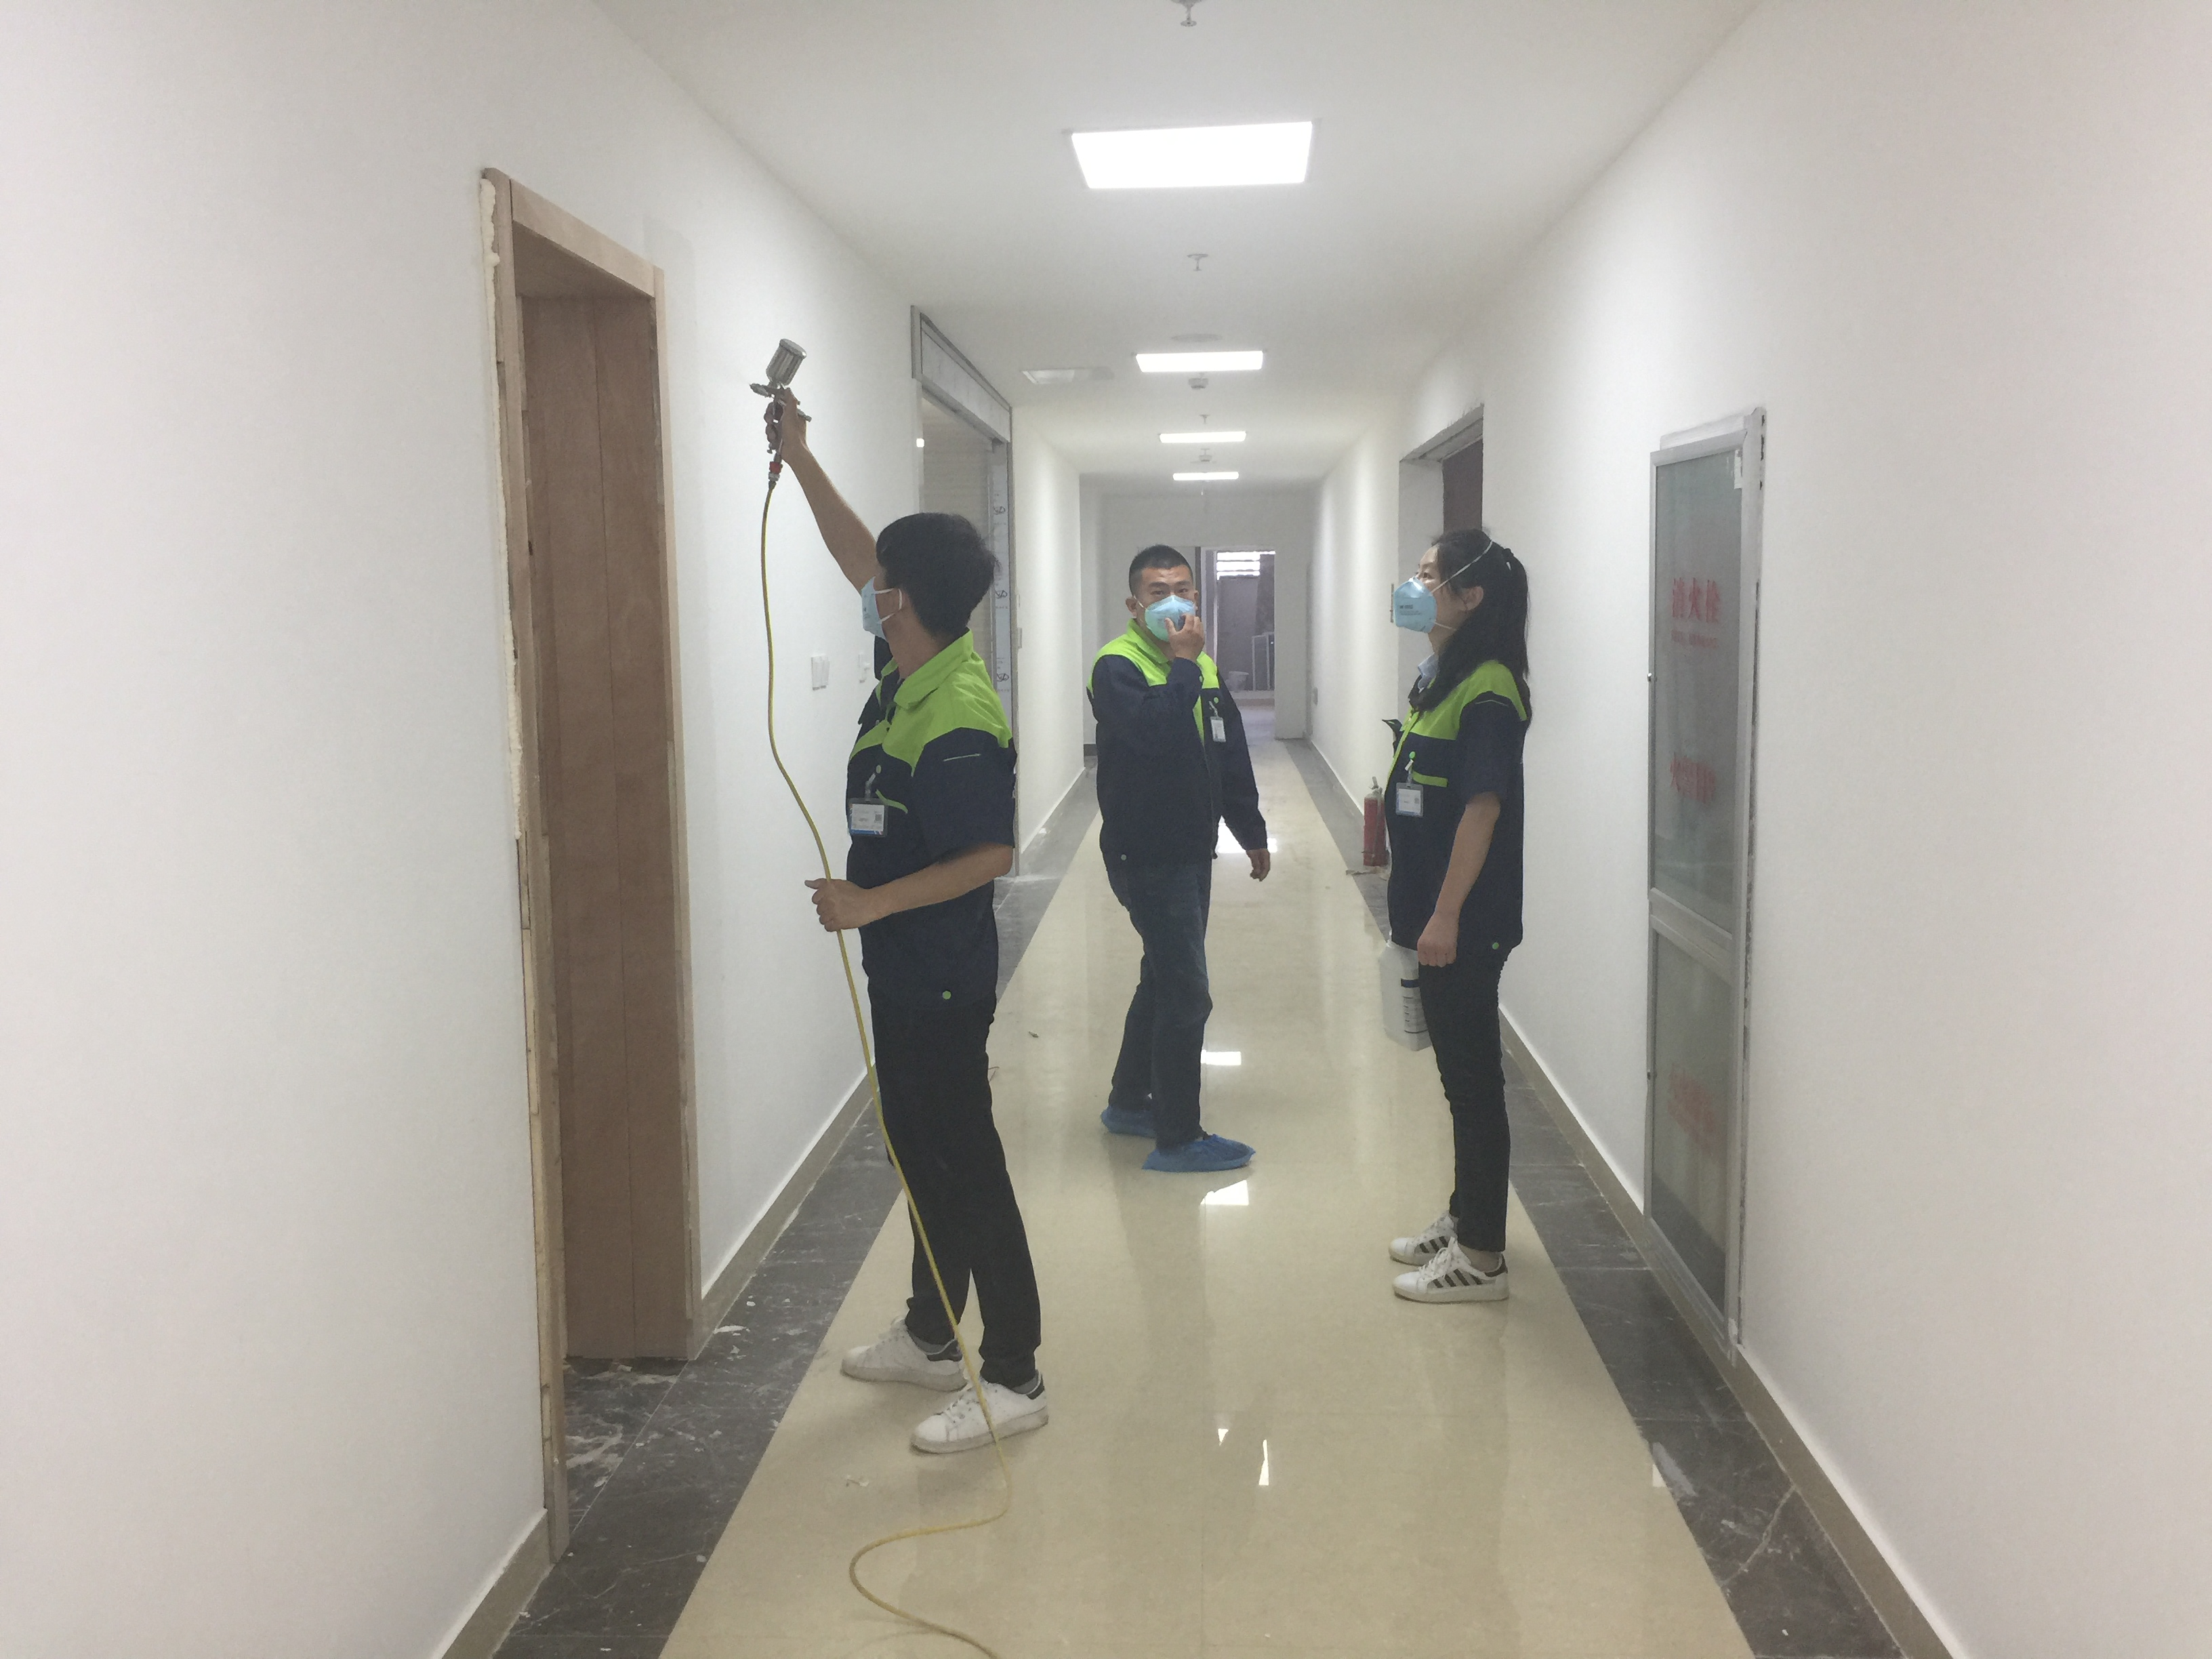 新装办公场所的污染源识别及甲醛治理办法